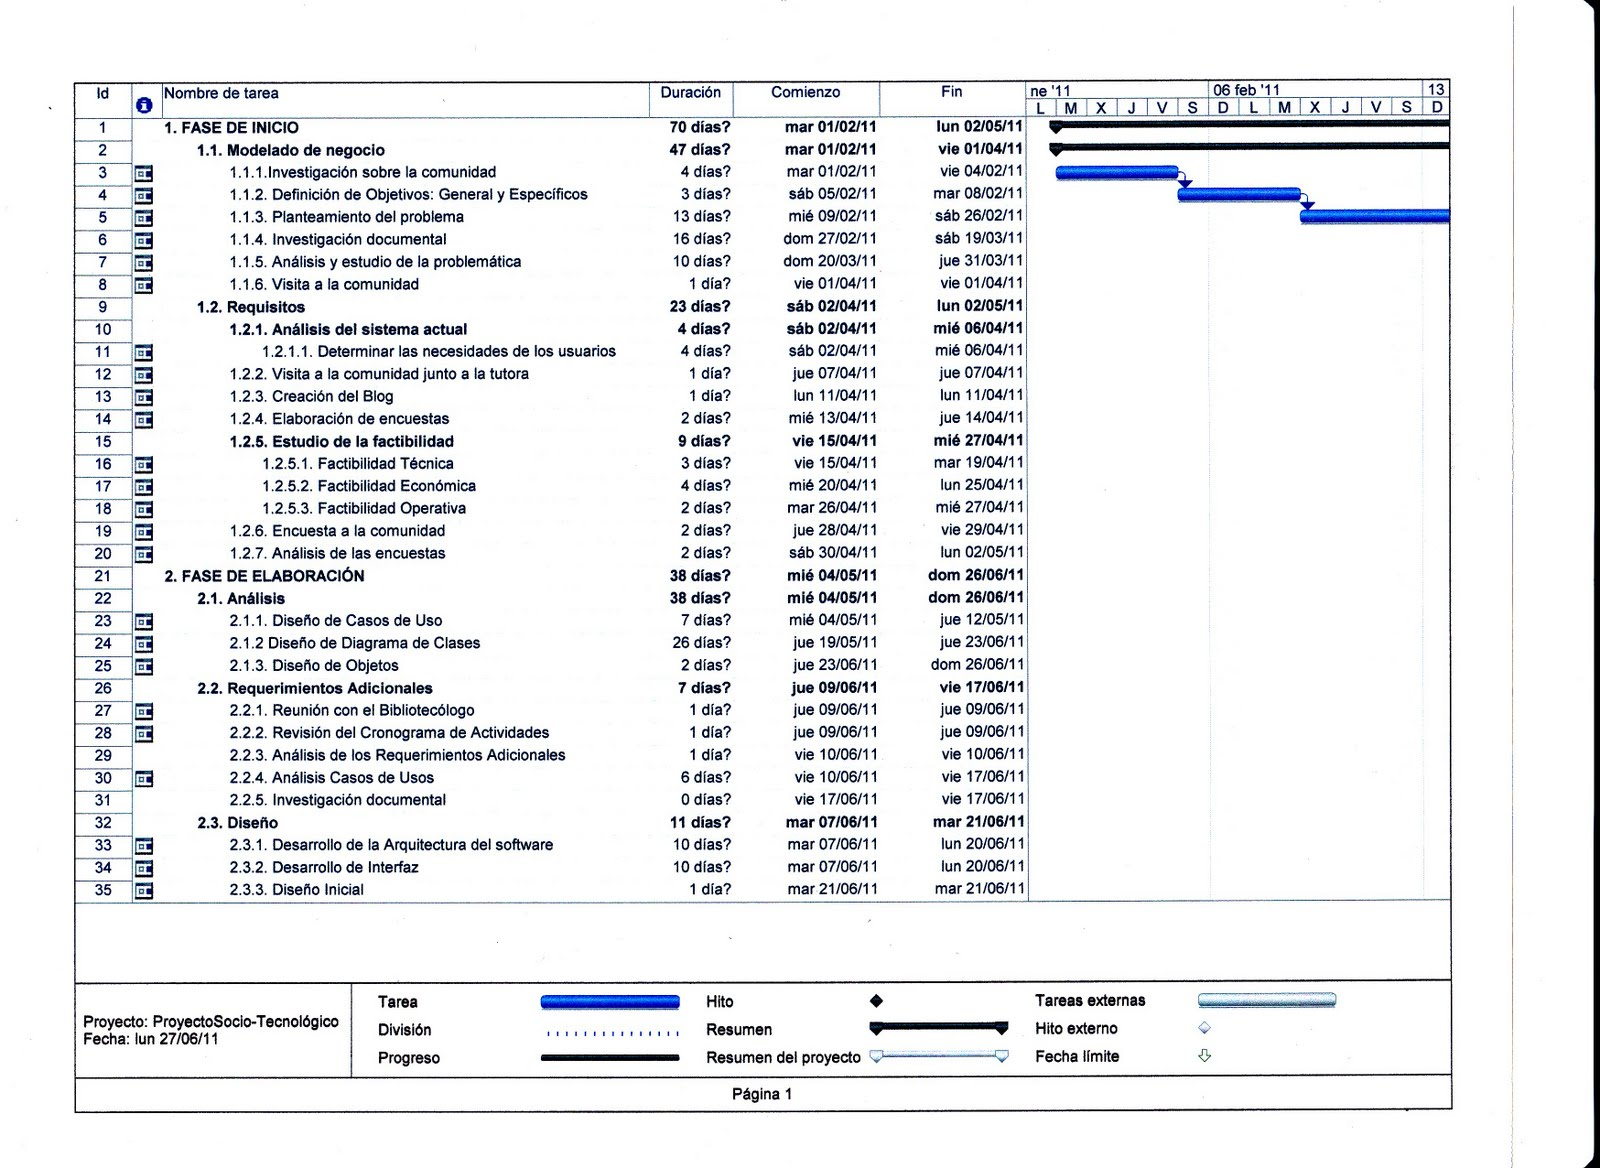 Proyecto Socio Tecnologico Iii Sistema De Control De Materiales Bibliograficos Diagrama Gantt